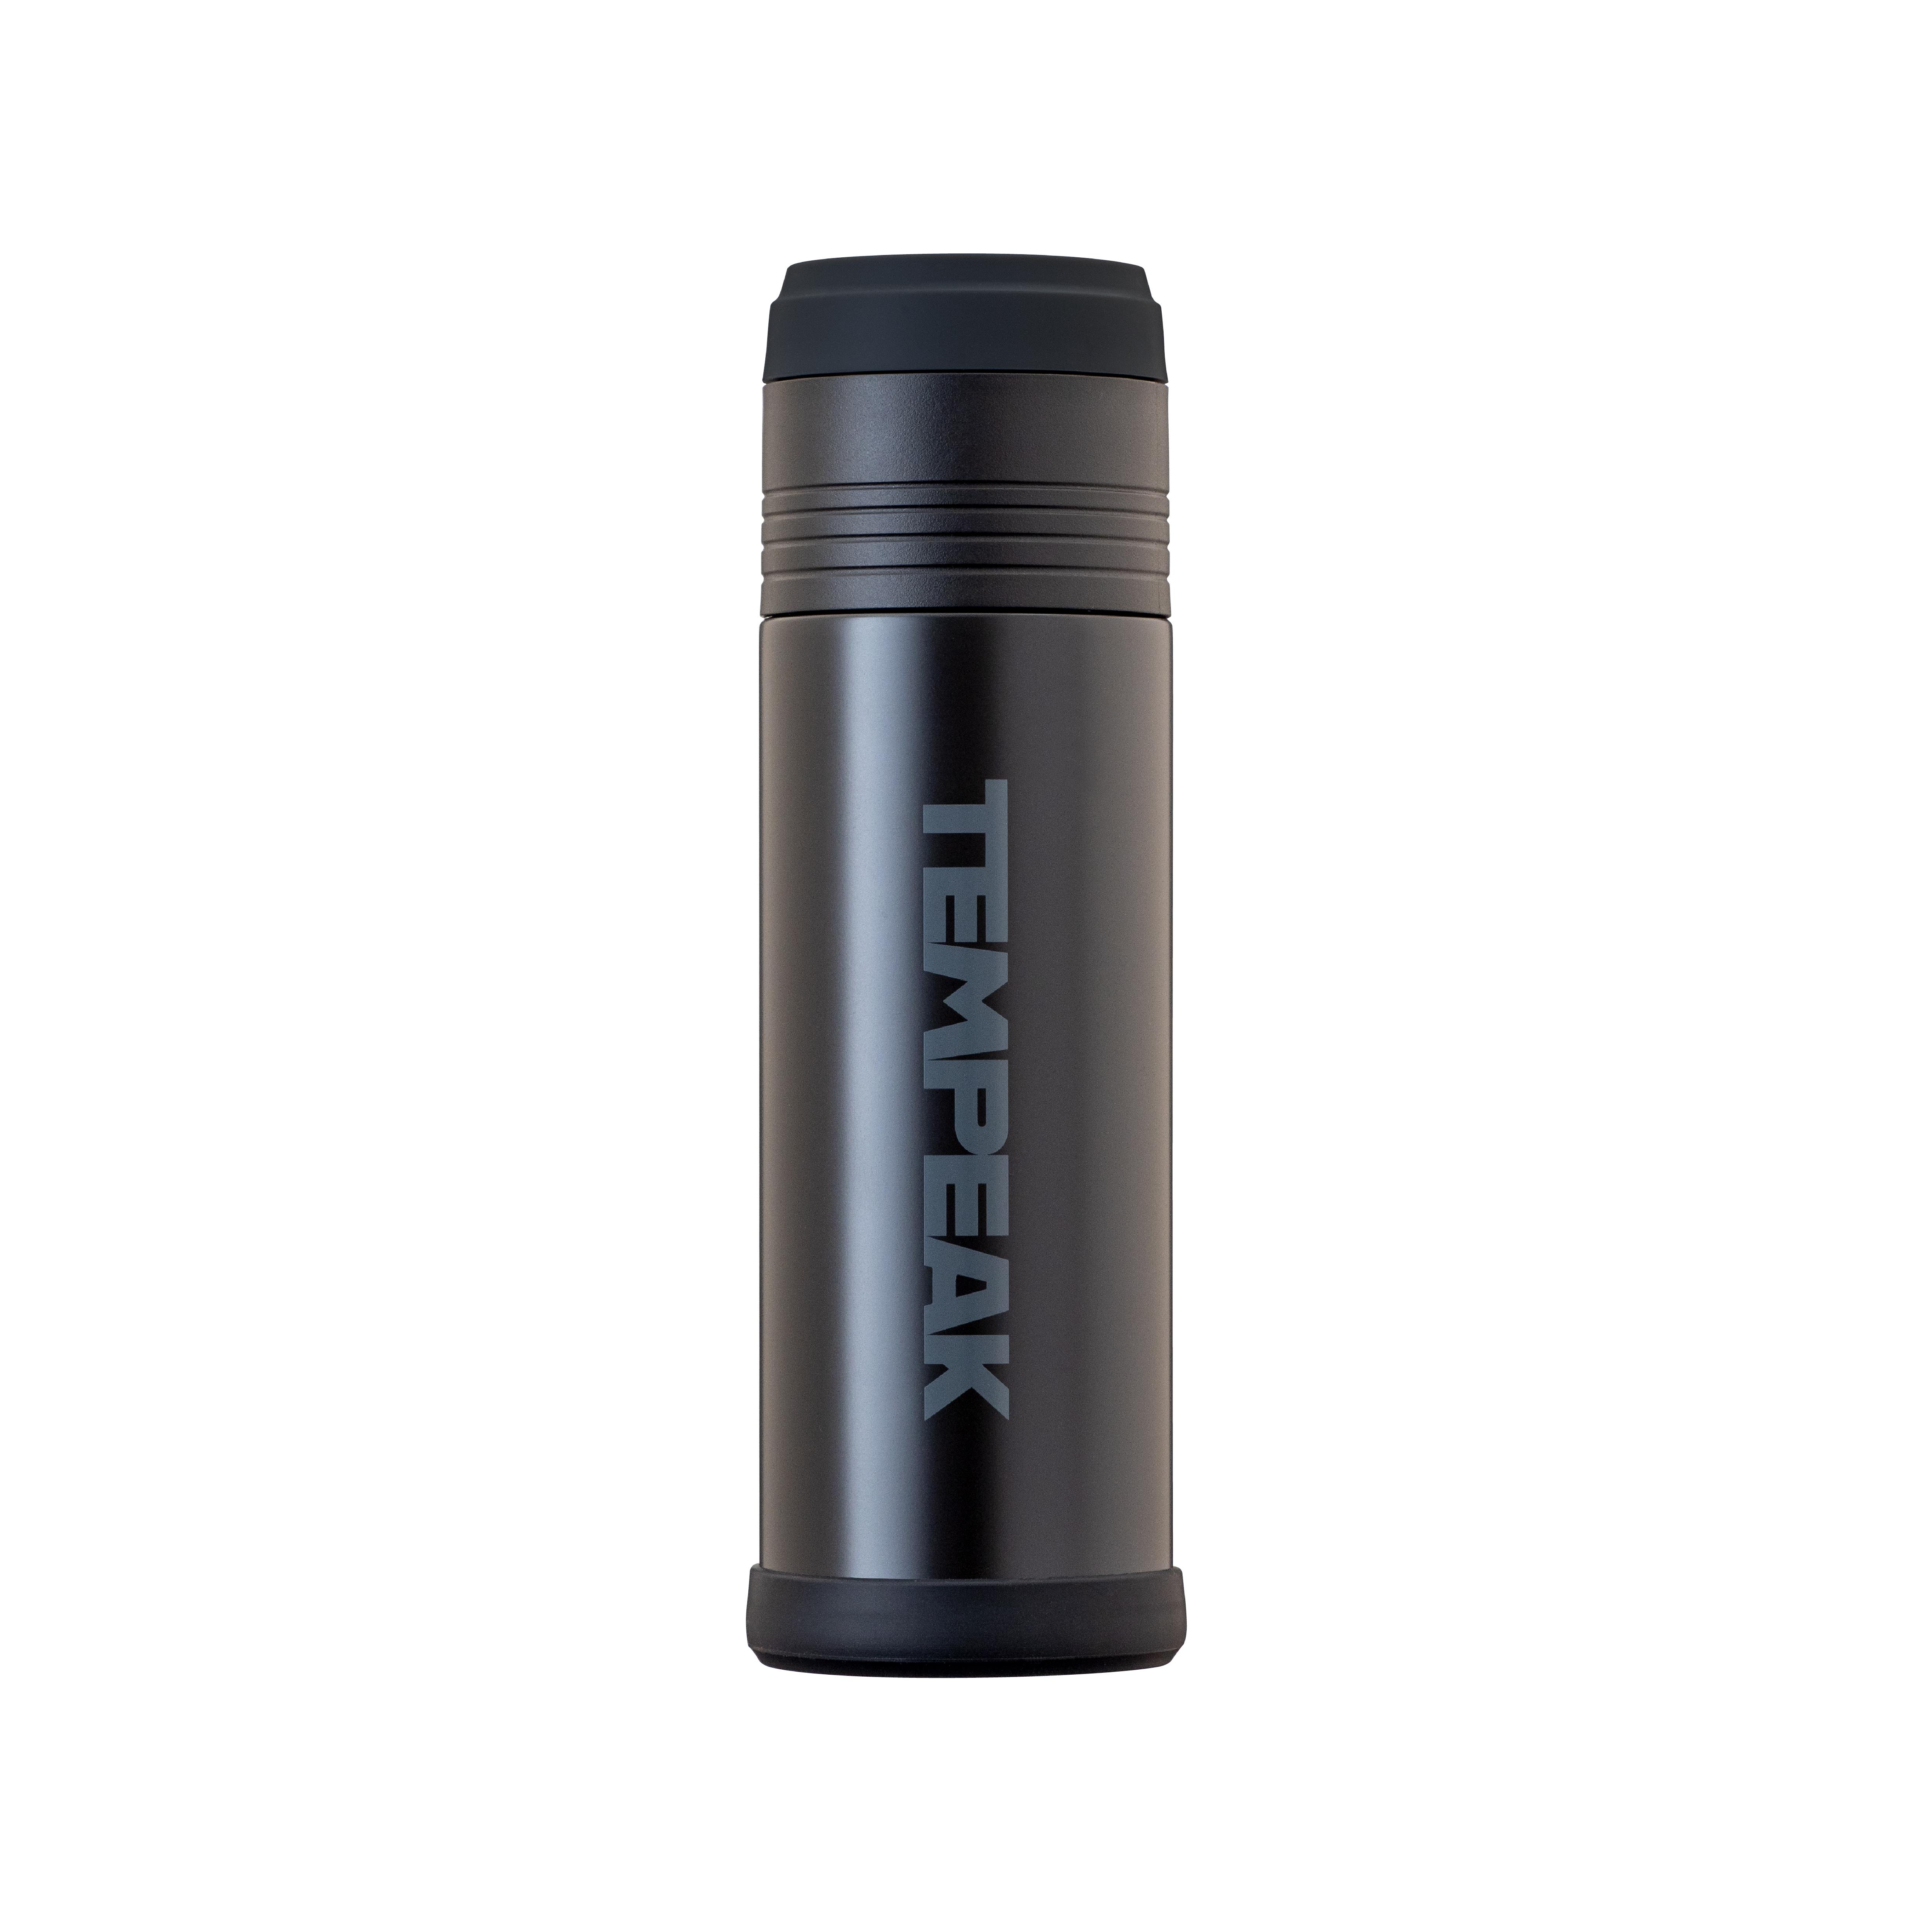 TEMPEAK 超保温ボトル 750ml ブラック